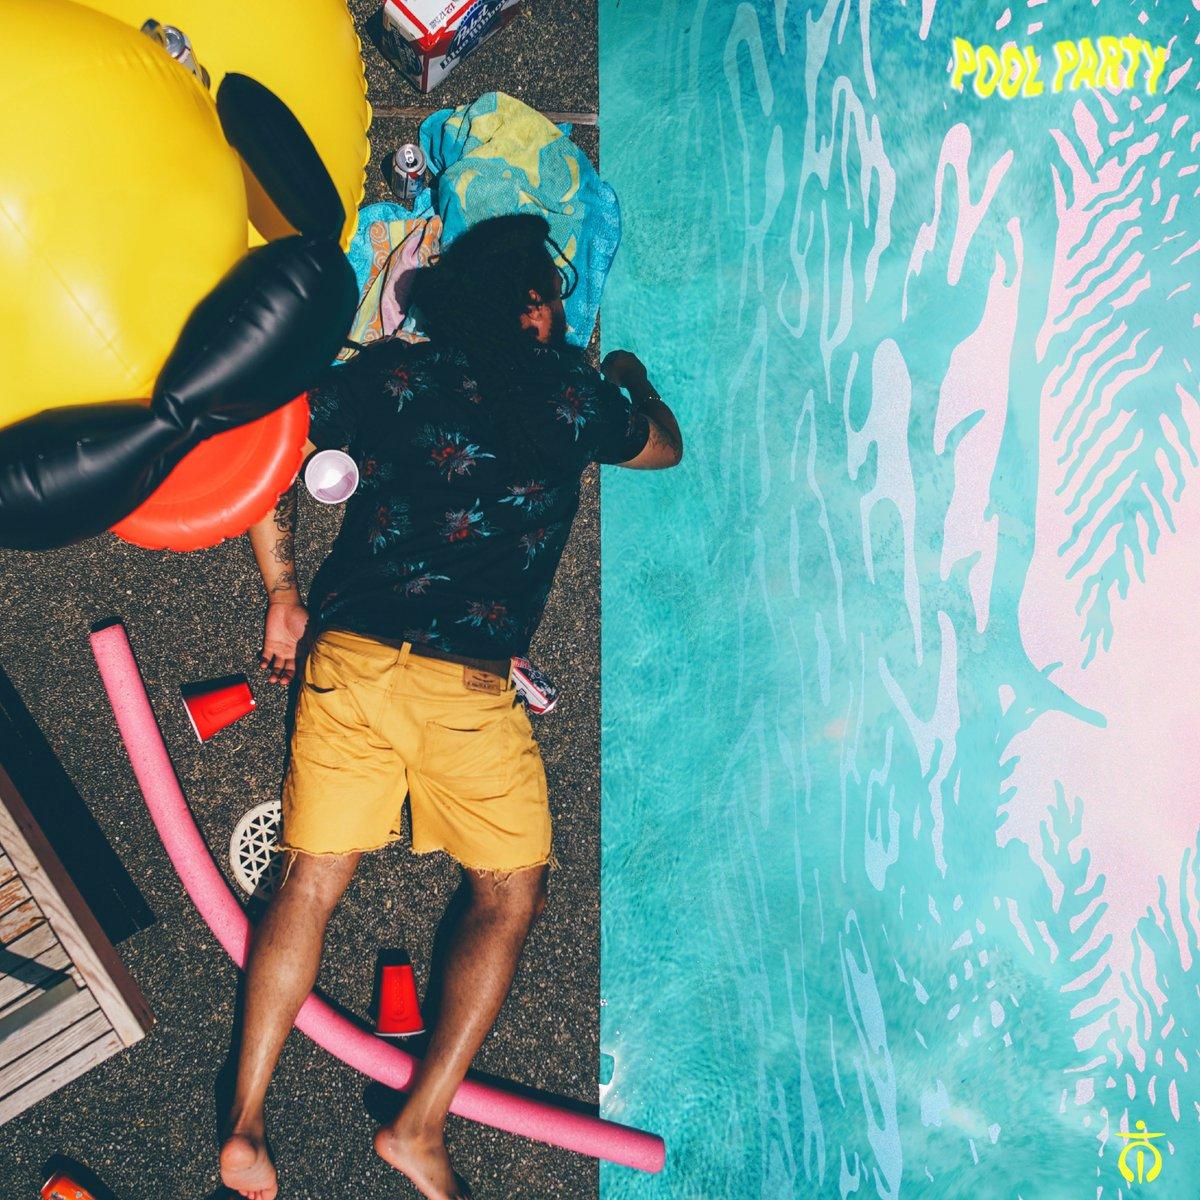 Pool party bang